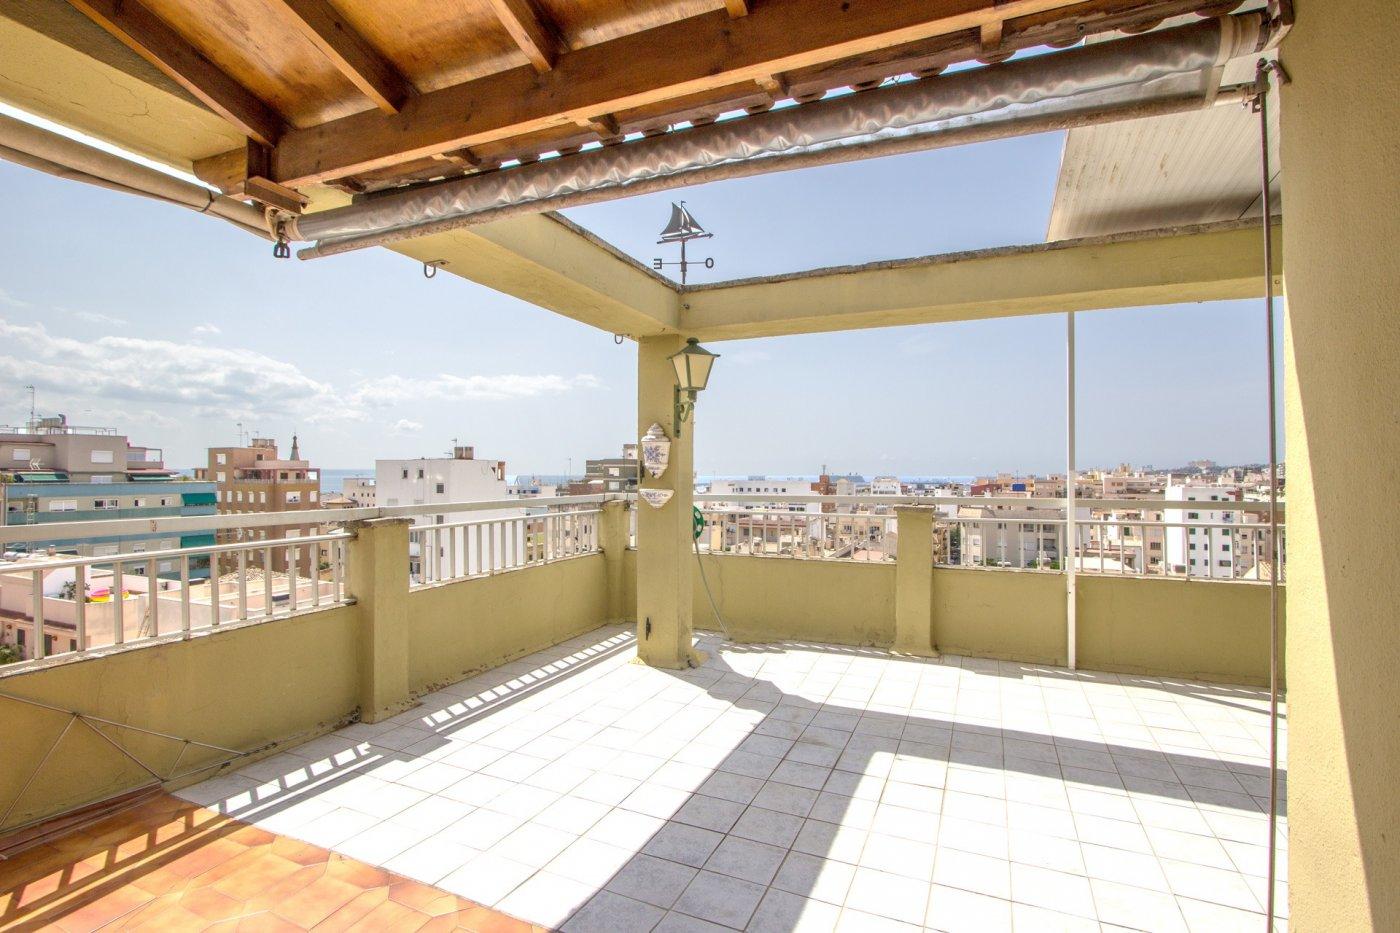 Ático-Venta-Palma de Mallorca-211014-Foto-33